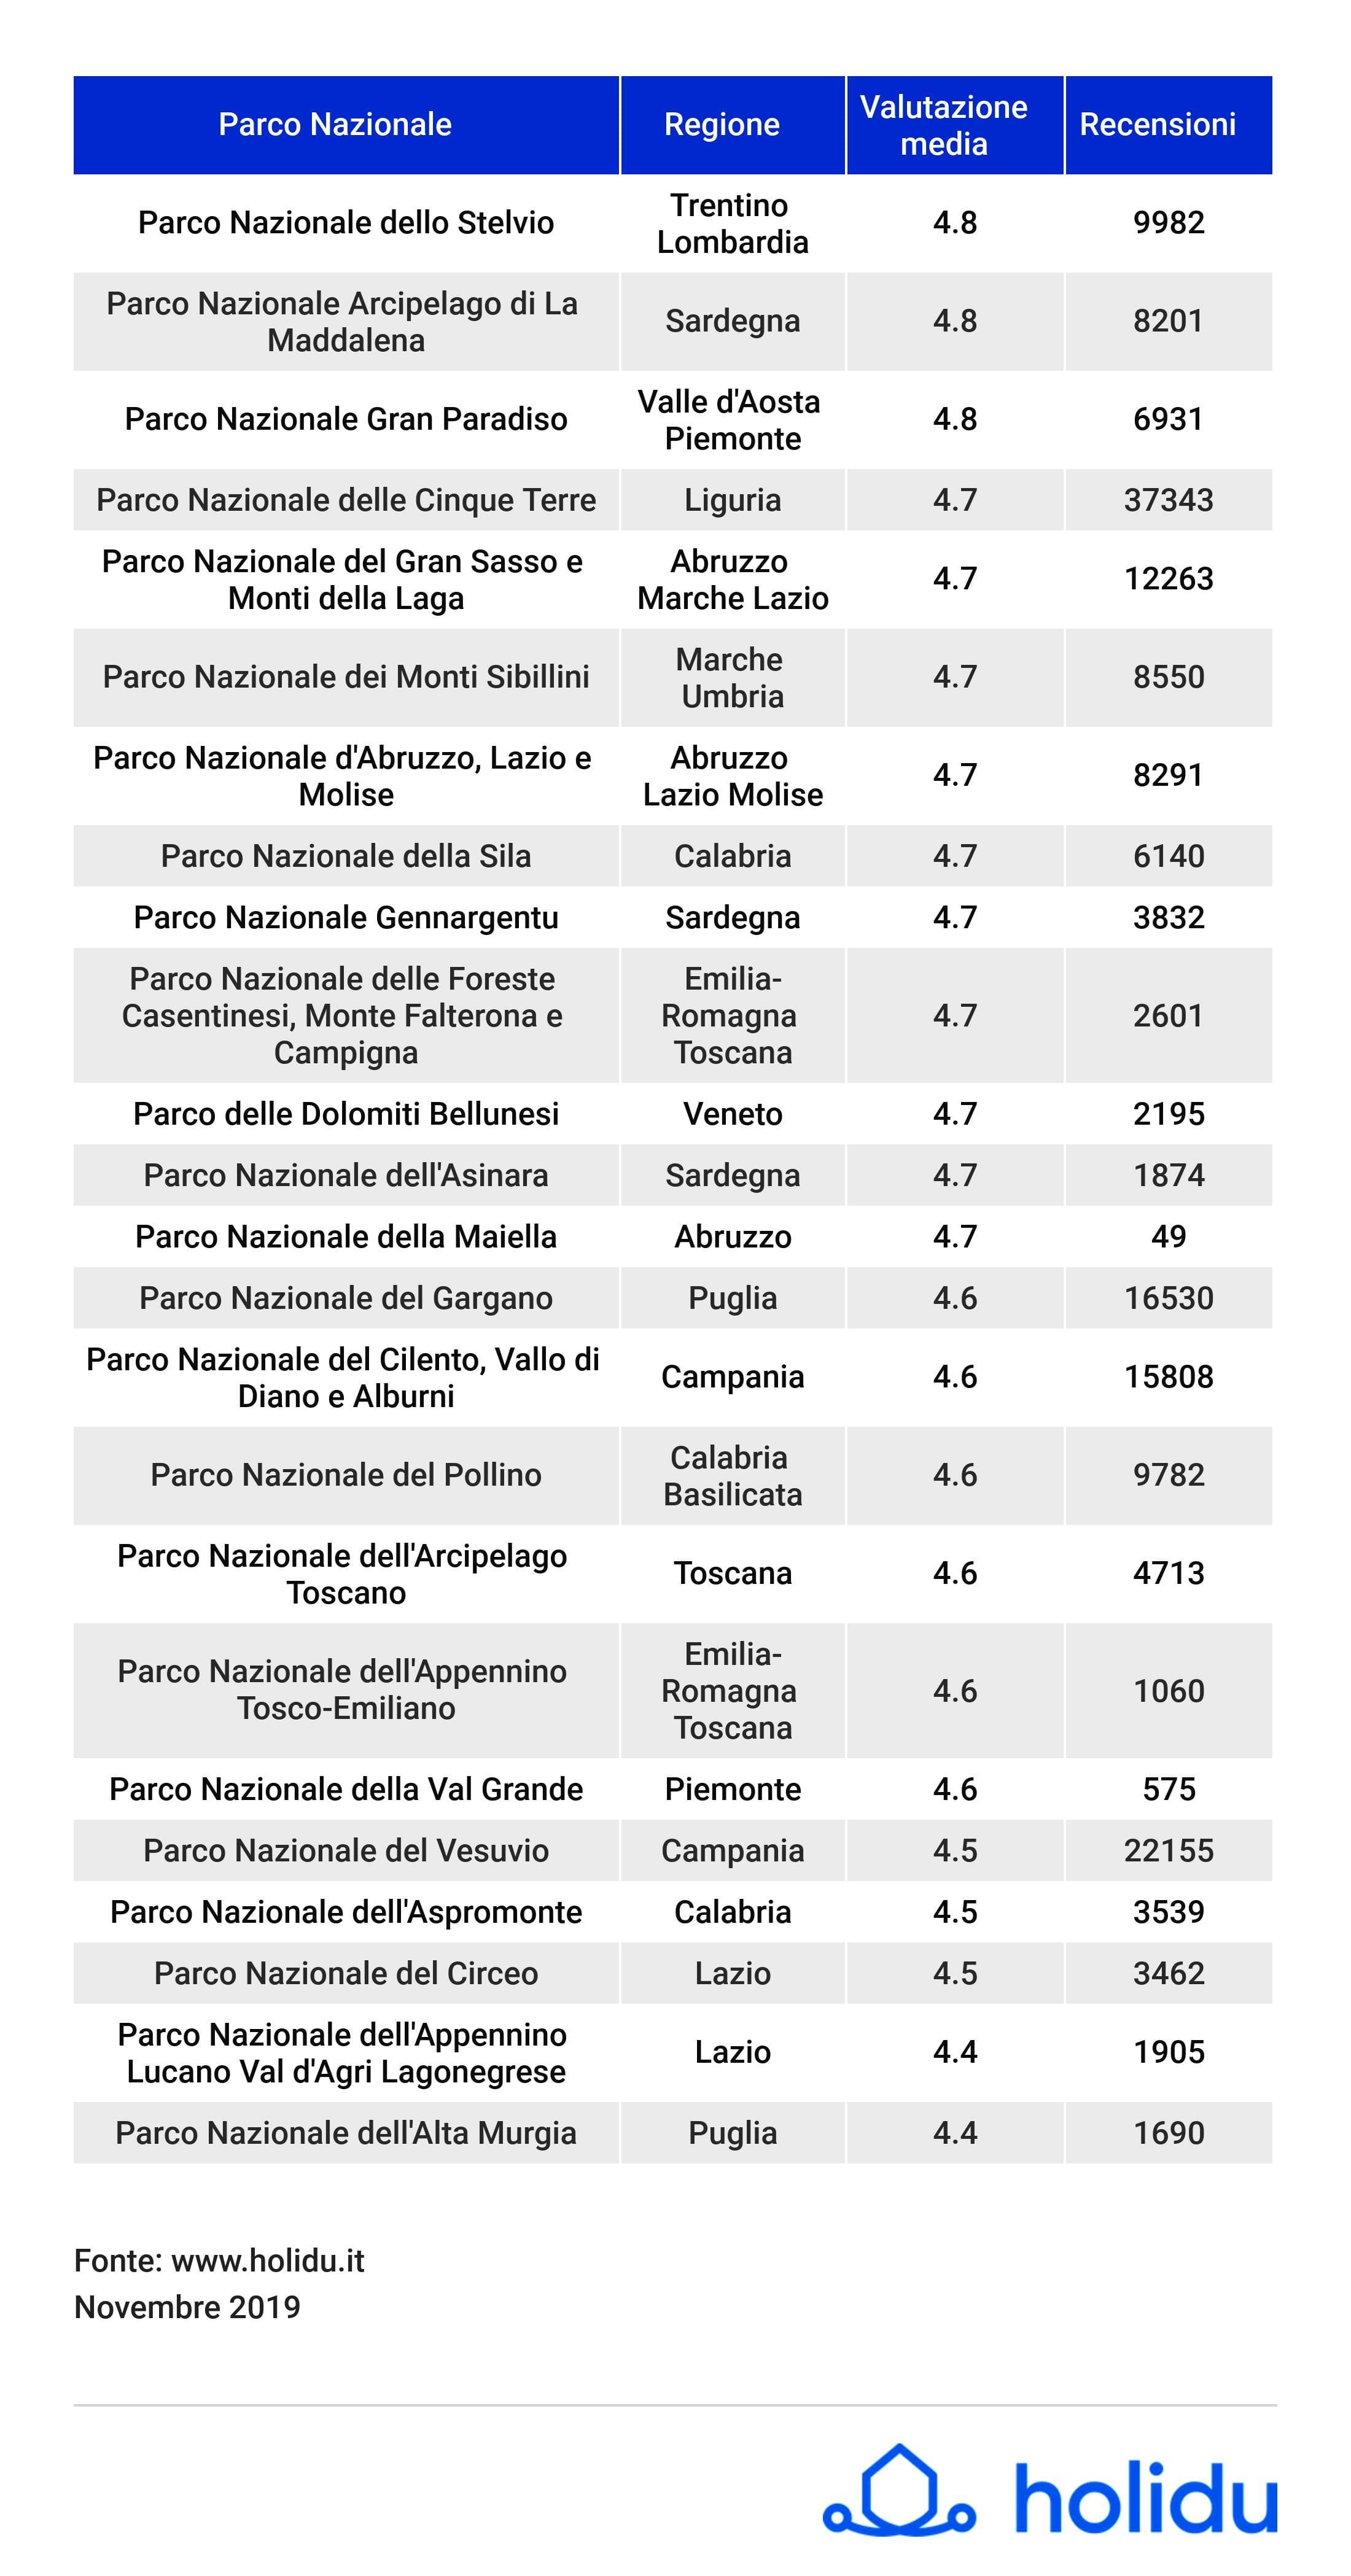 2_Infografica_Parchi Nazionali più belli d'Italia_Holidu-2